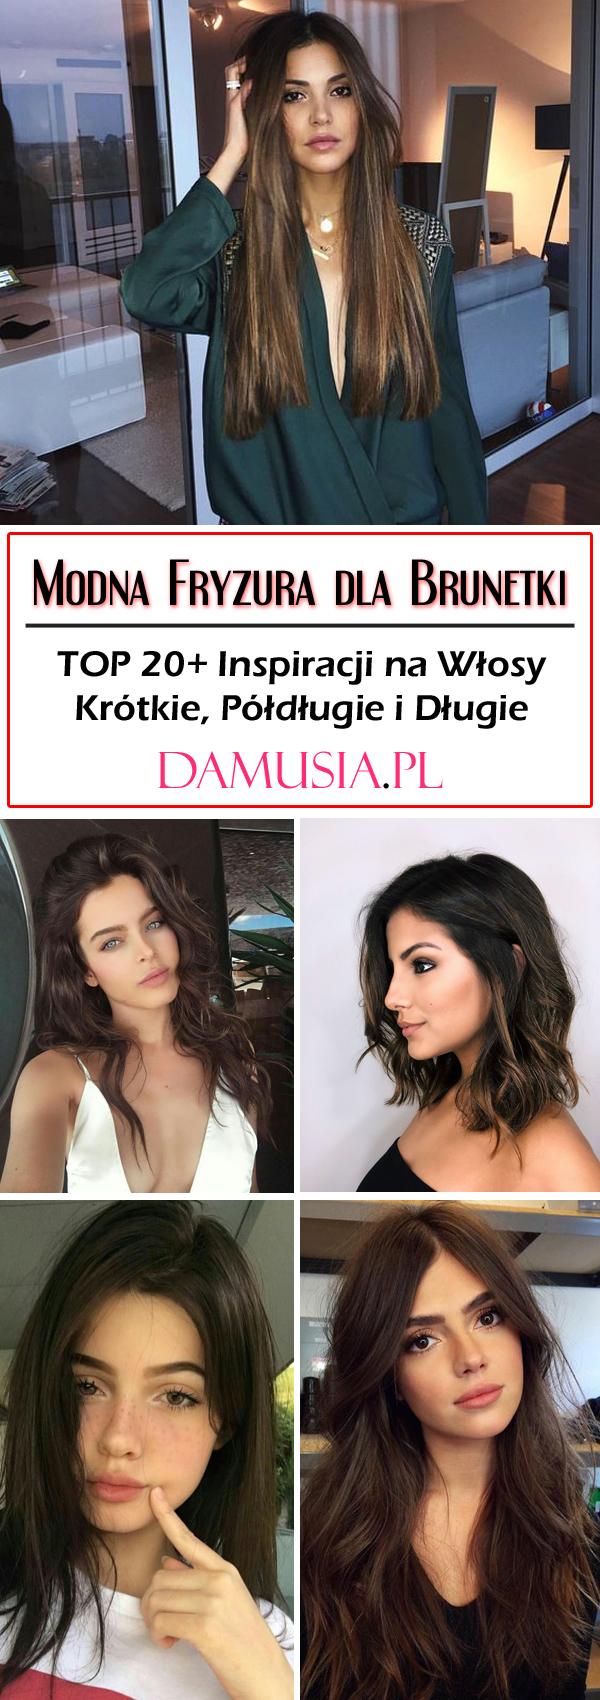 Modna Fryzura Dla Brunetki Top 20 Inspiracji Na Włosy